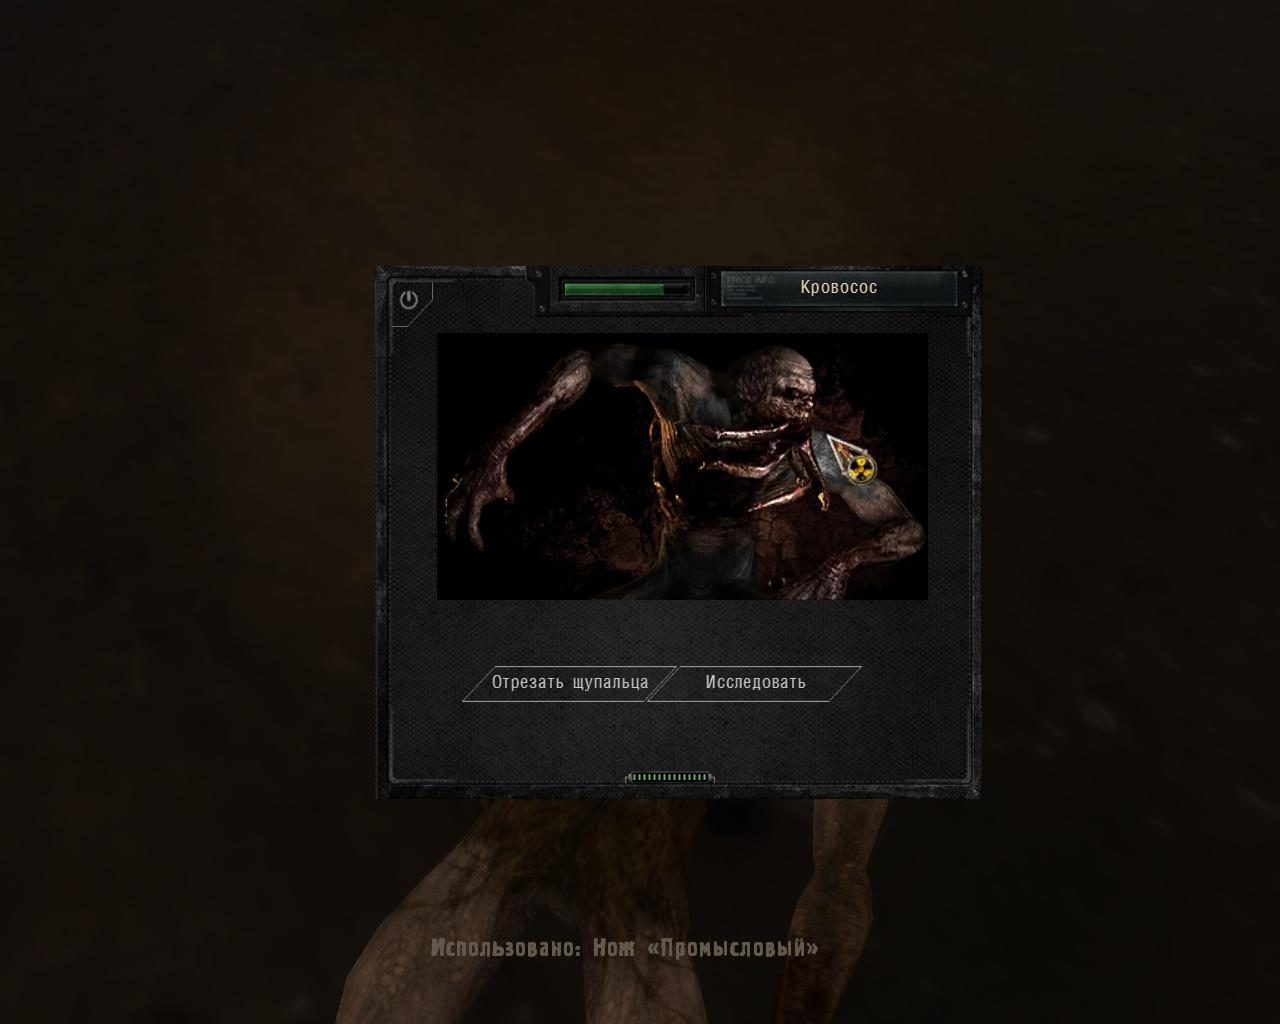 Мод sniper для сталкер зов припяти скачать